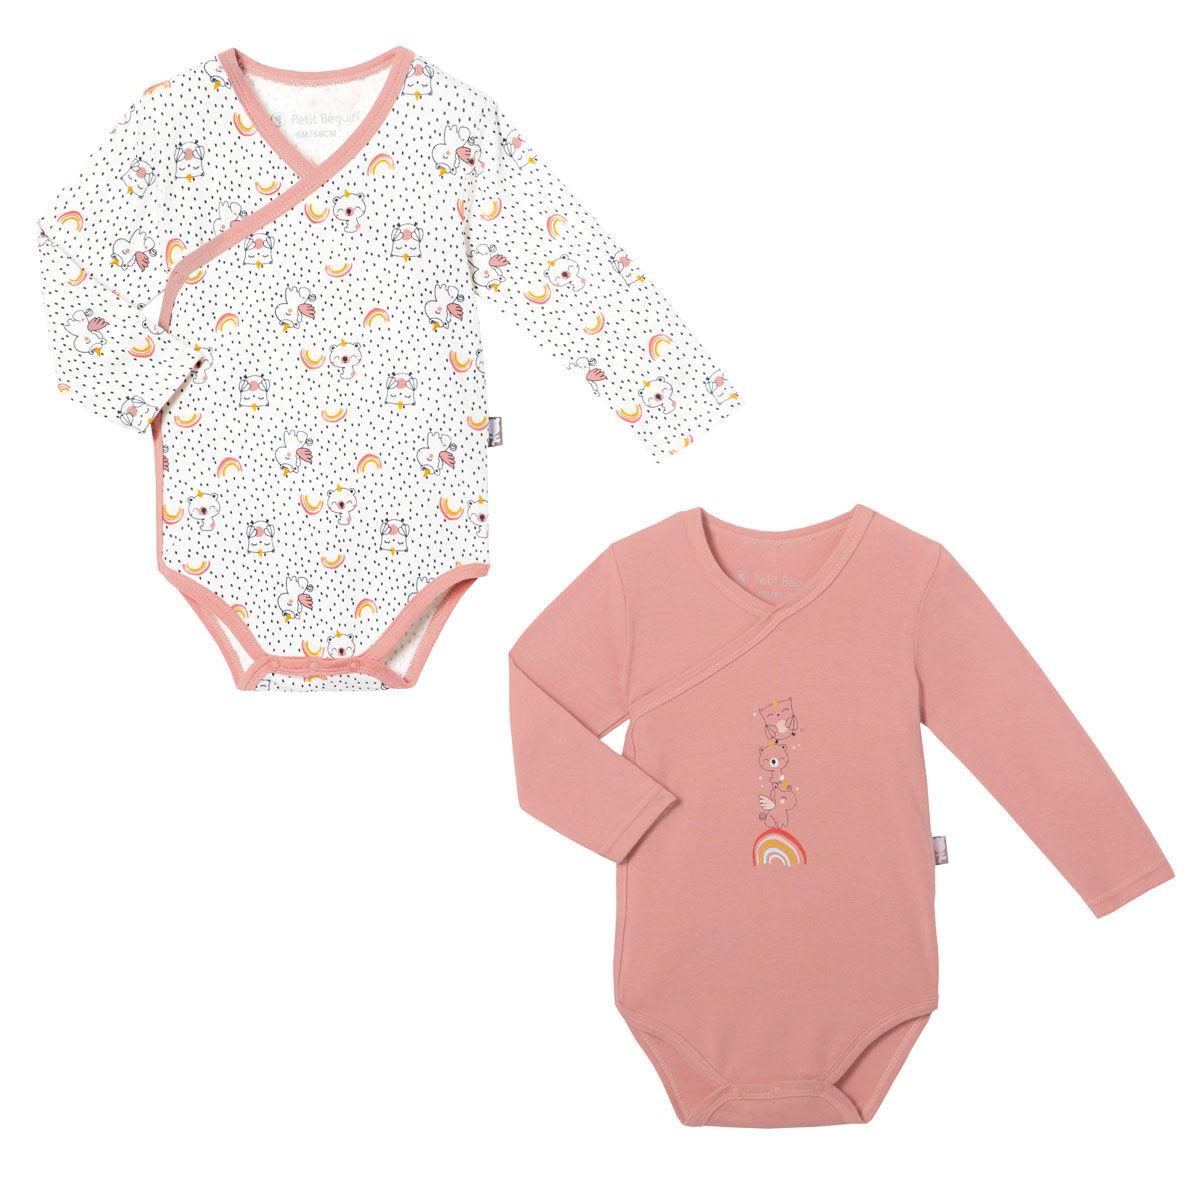 Petit Béguin Lot de 2 bodies croisés bébé fille manches longues Pandicorne - Taille - 6 mois